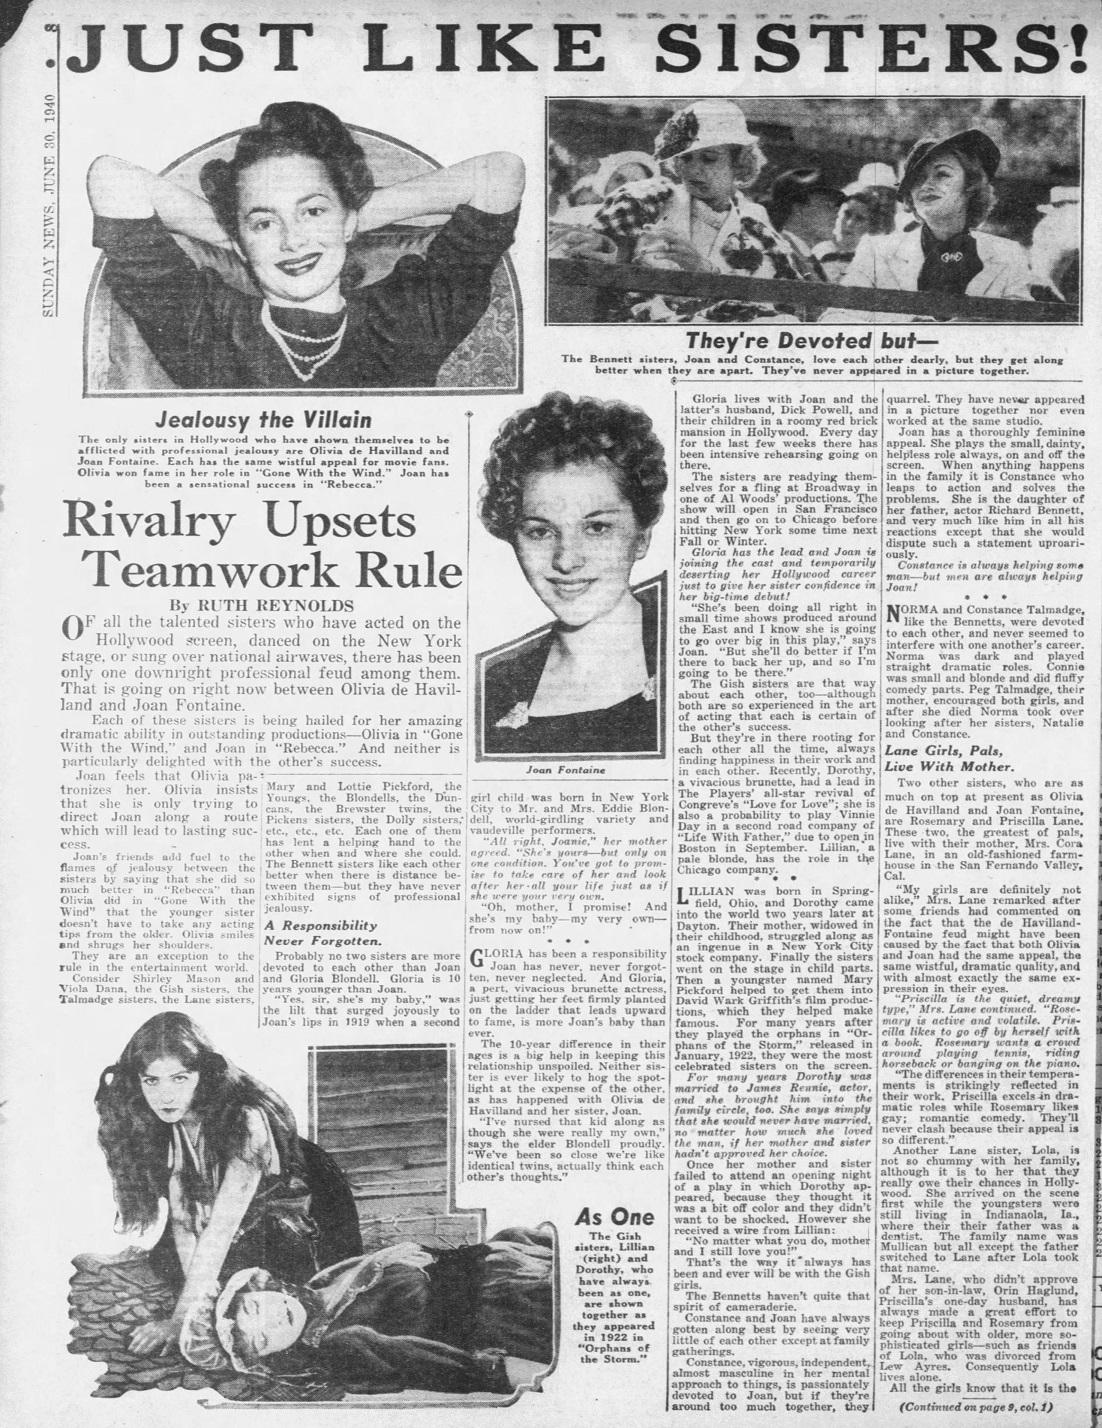 Daily_News_Sun__Jun_30__1940_(2).jpg